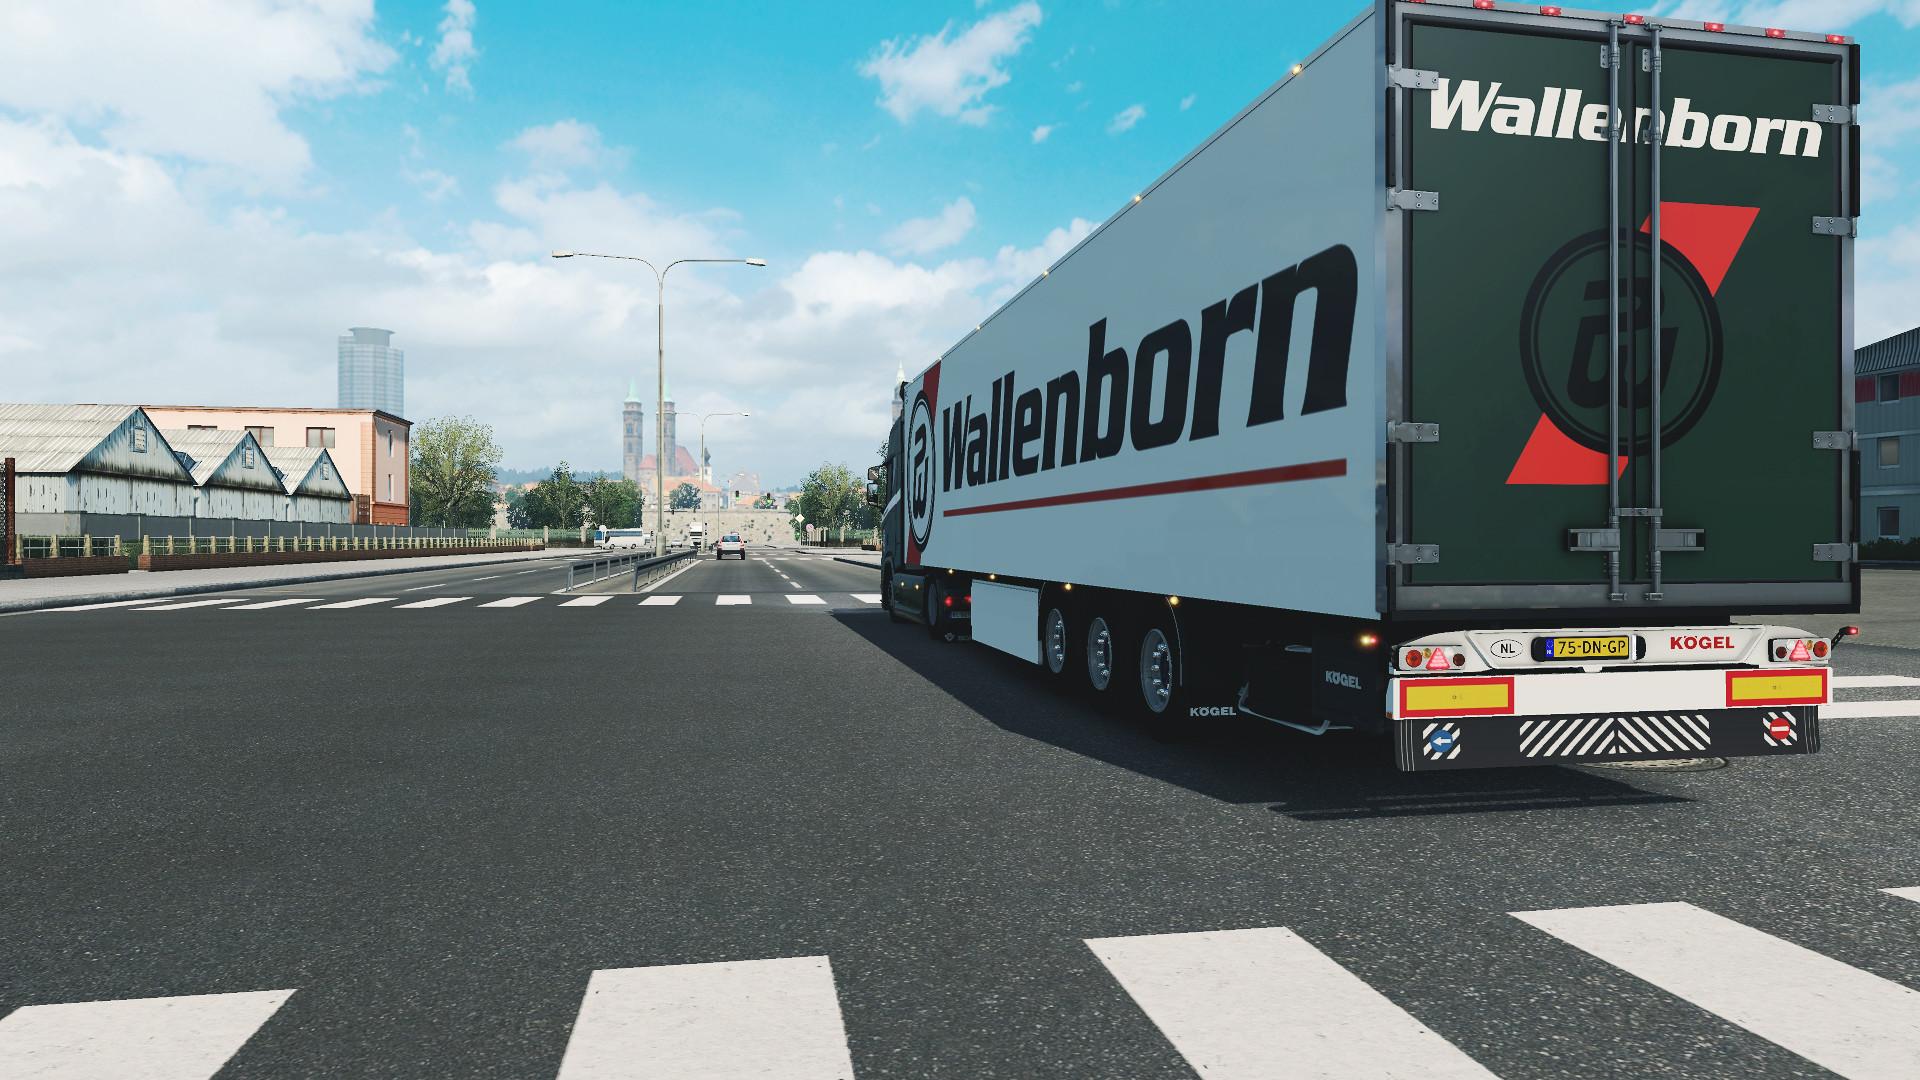 Scania R + Kogel - Wallenborn